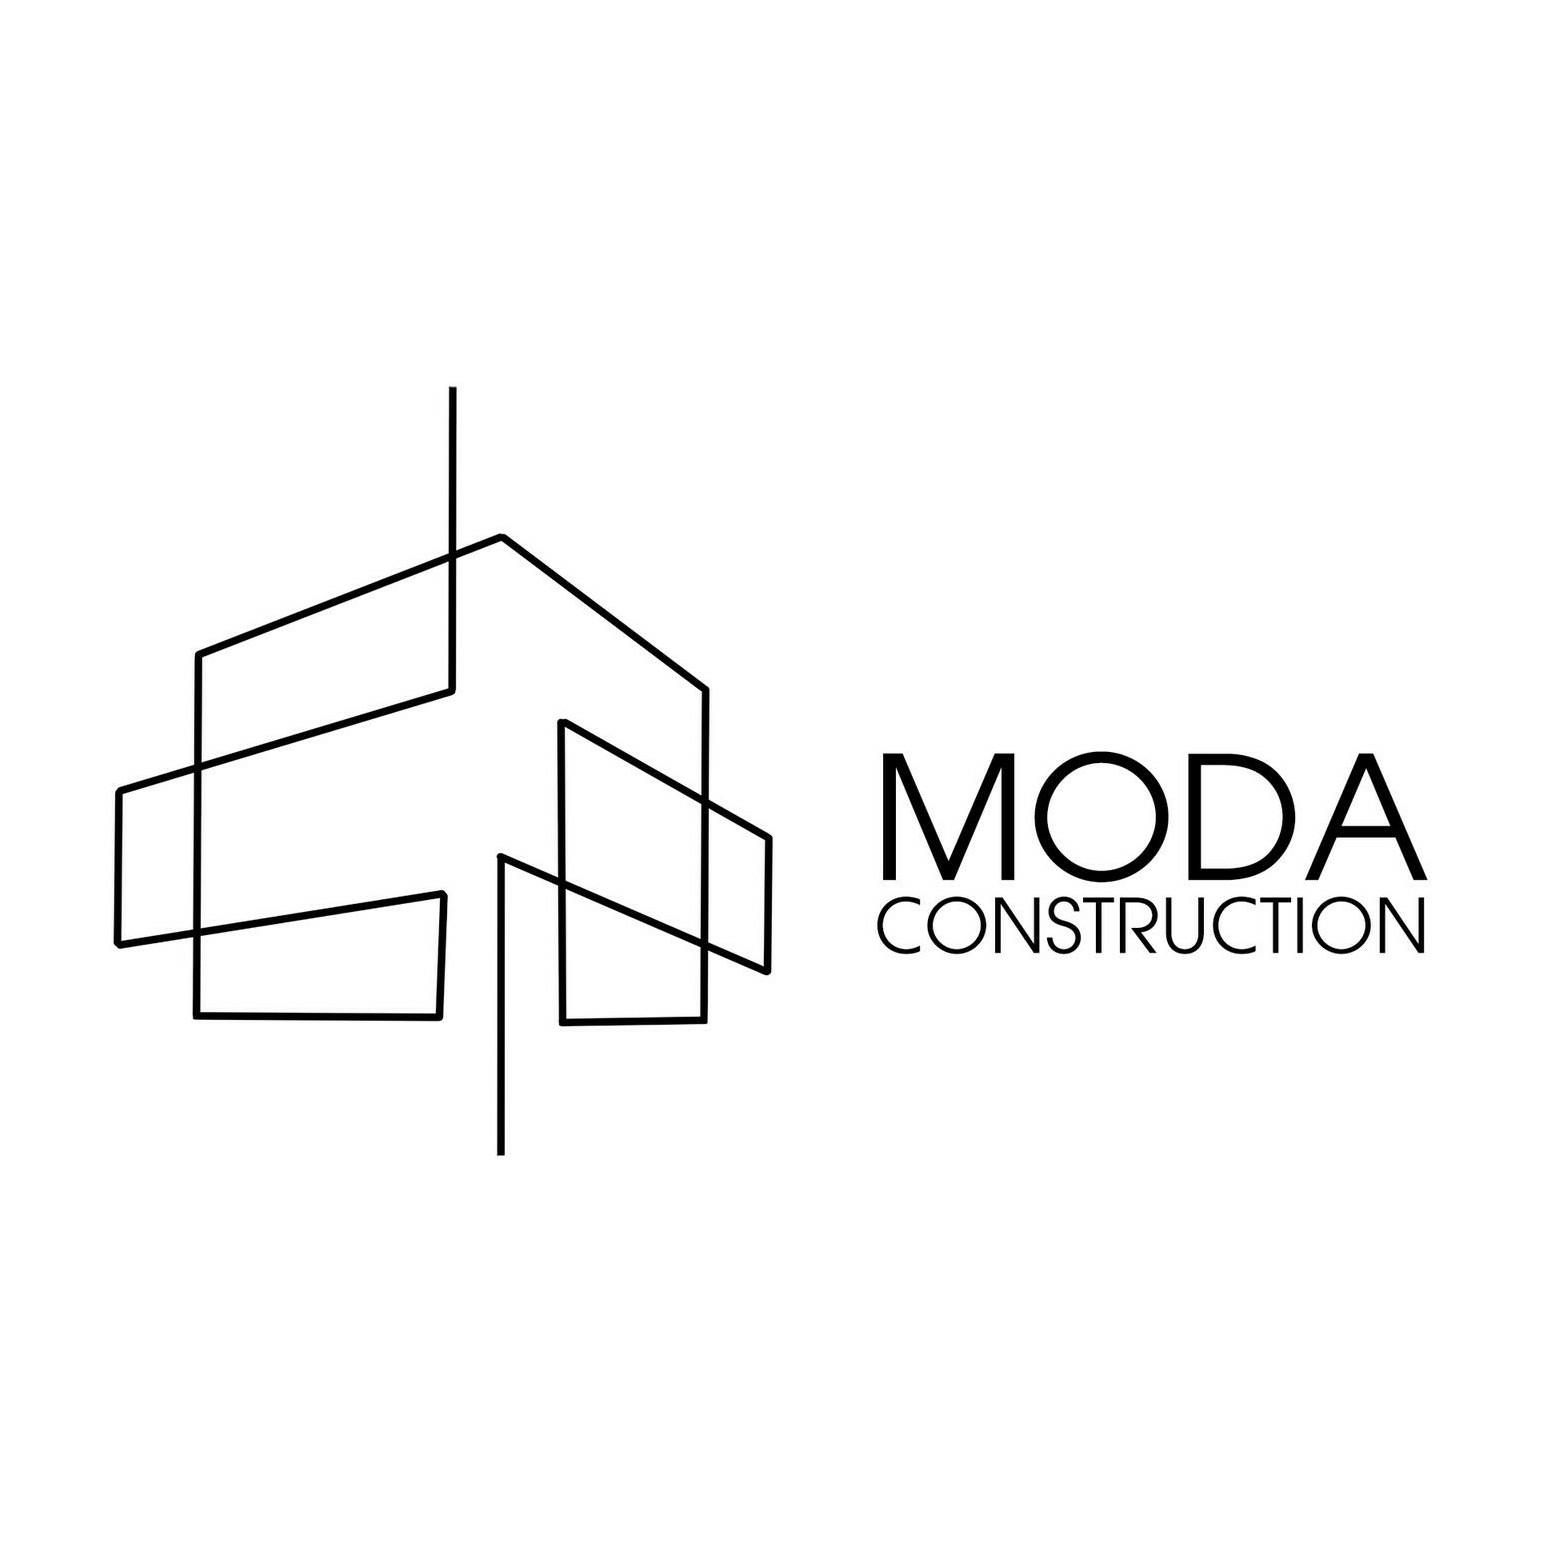 Moda construction